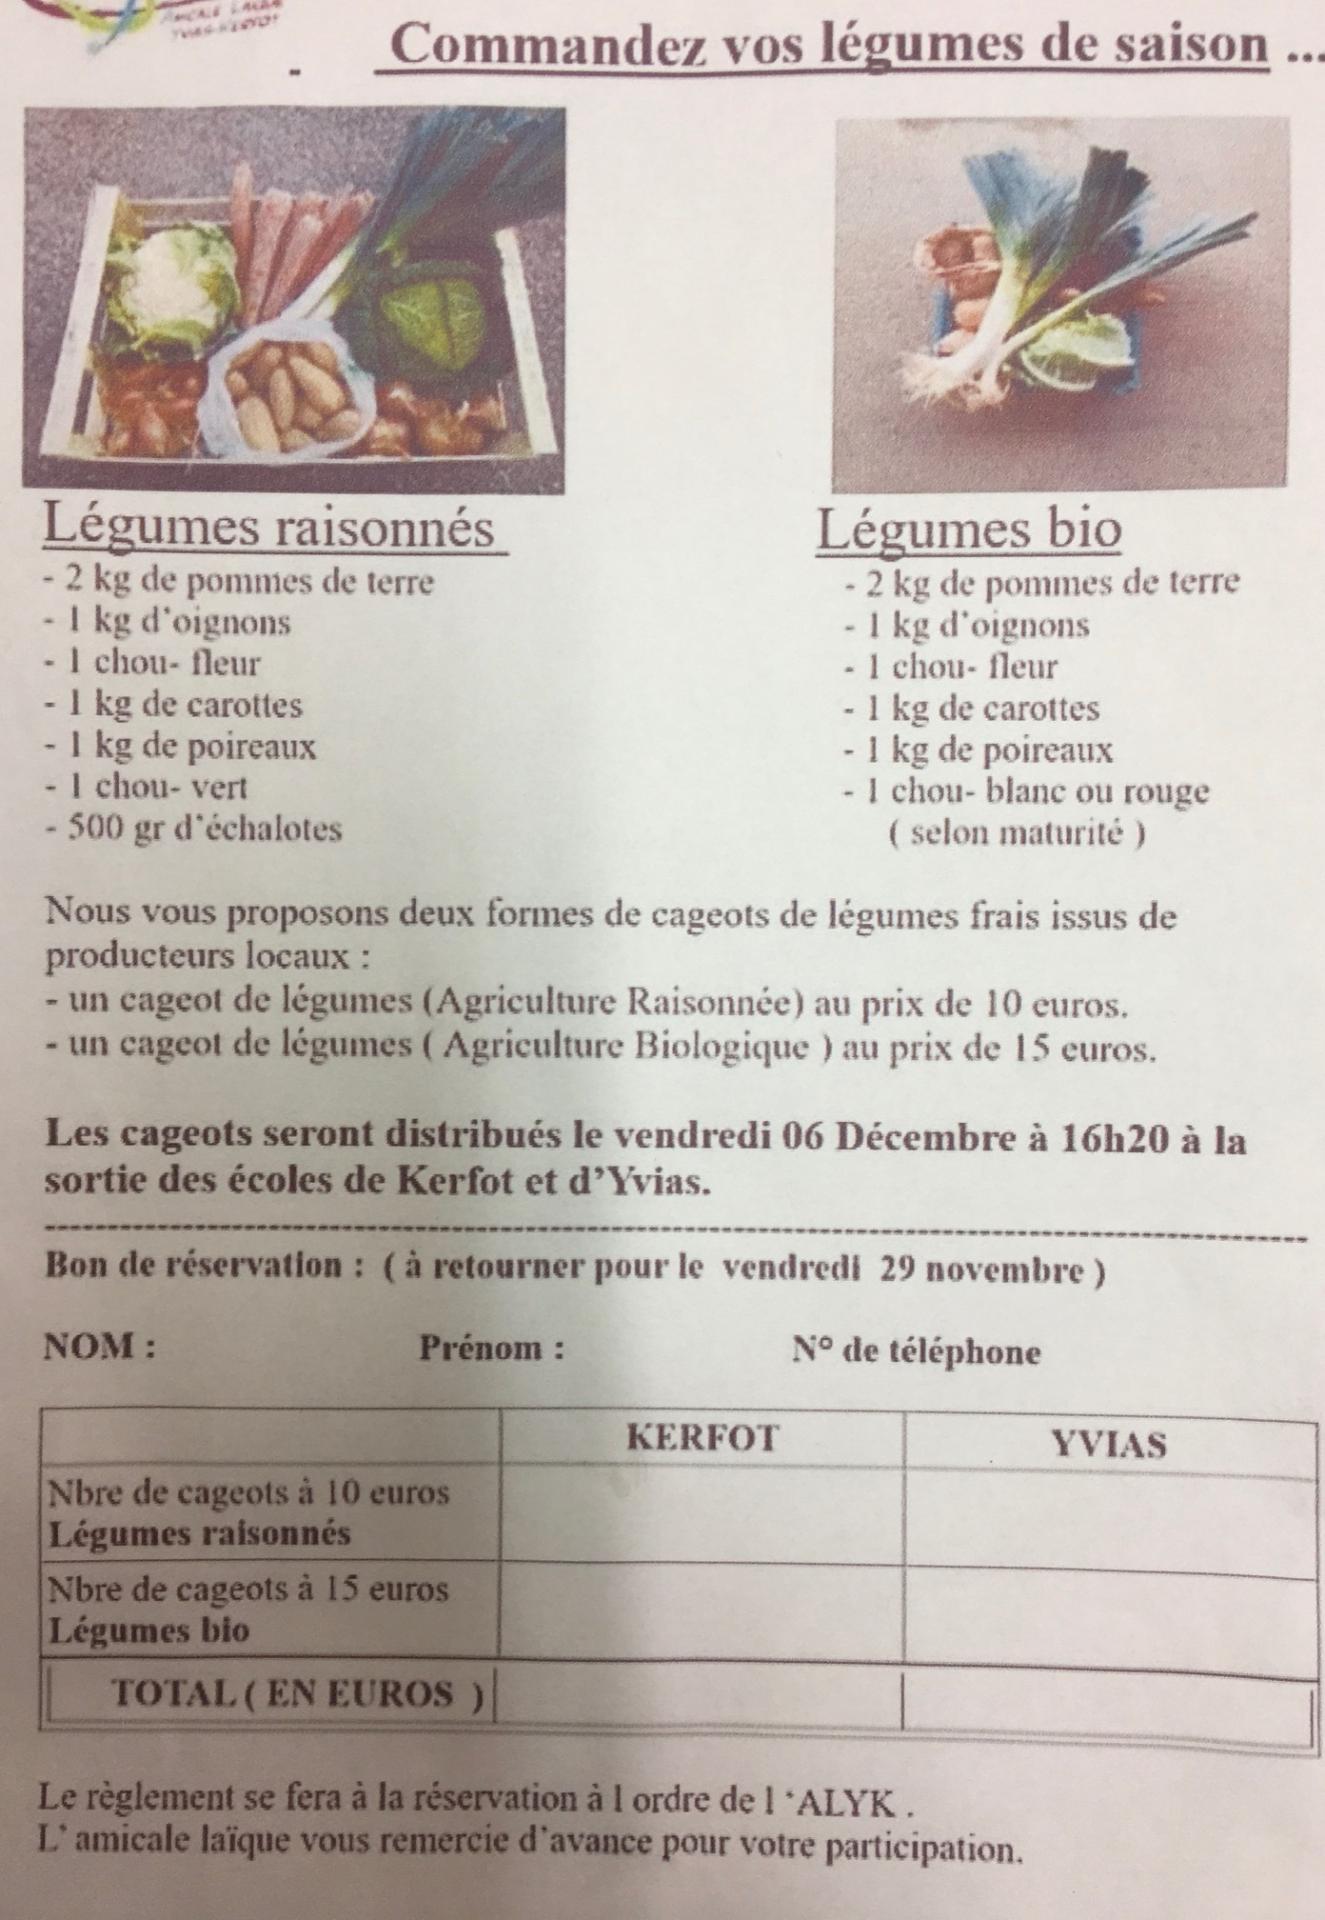 Commandez vos legumes de saison